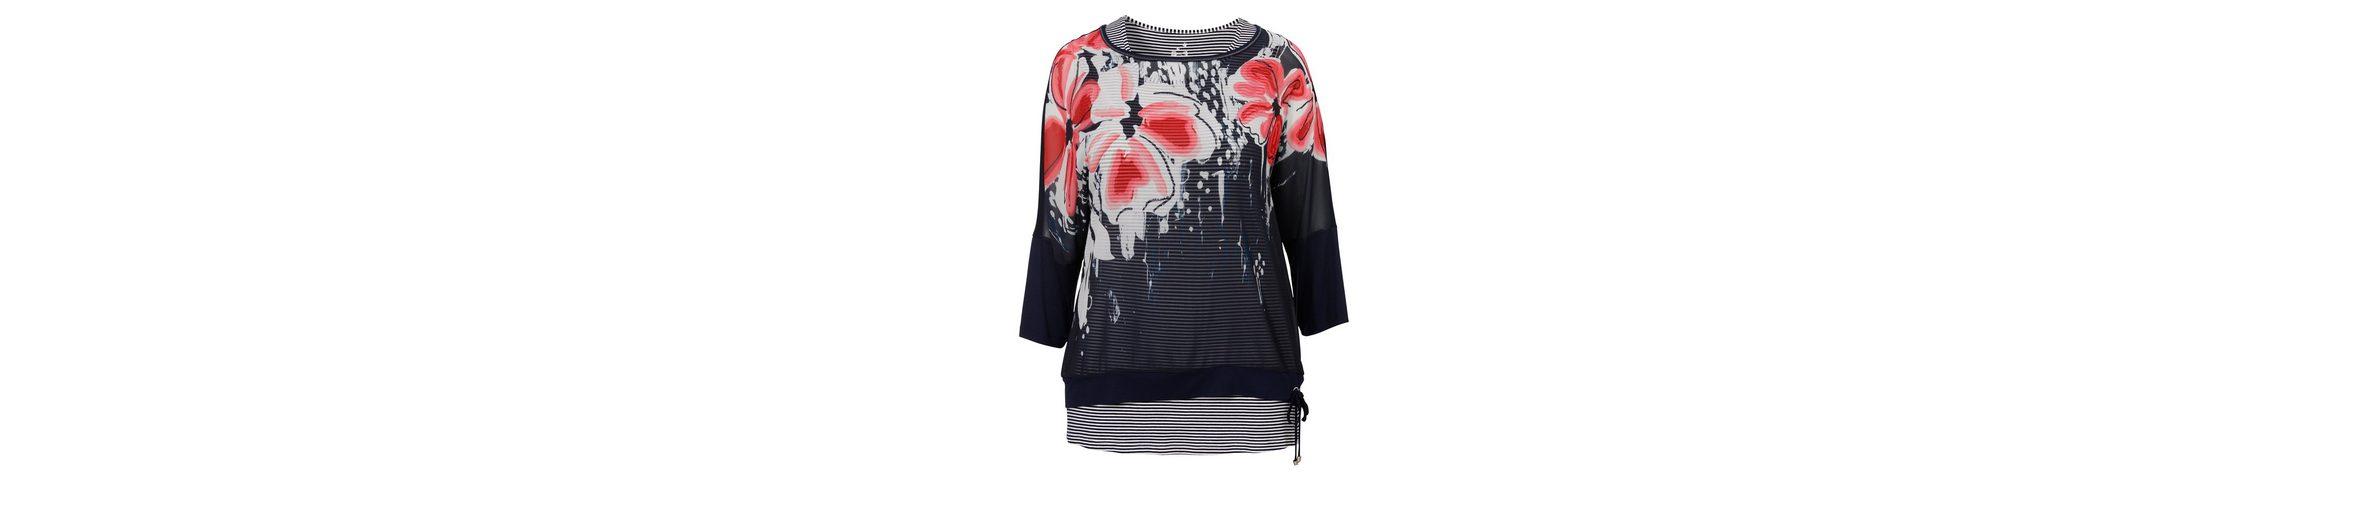 Freies Verschiffen Niedrigsten Preis VIA APPIA DUE Raffiniertes 2-in-1 Shirt im Mustermix Verkauf Outlet Top-Qualität ADbbIArg